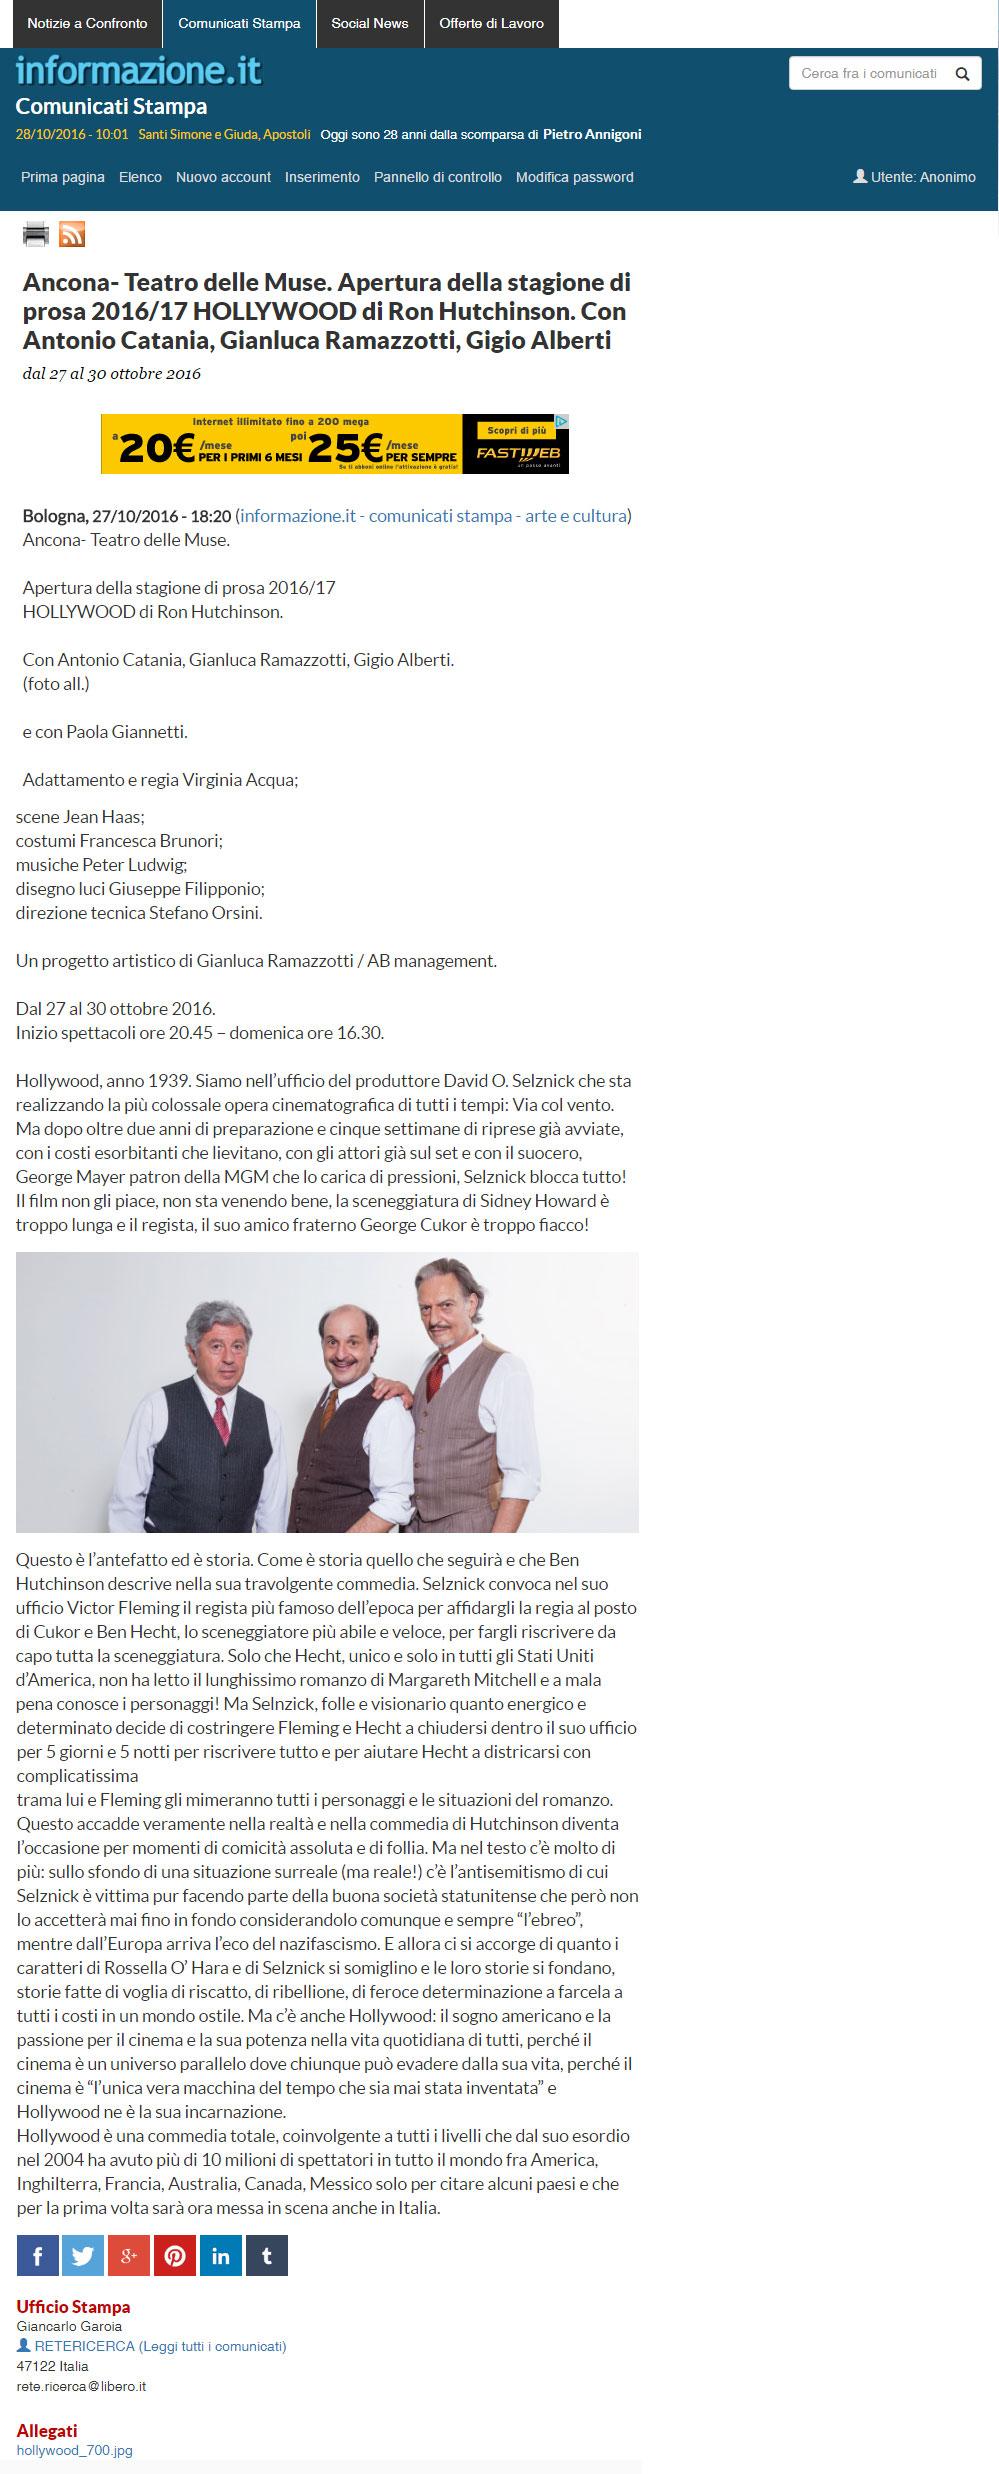 2016_10_28_ancona-teatrodelle-muse-apertura-della-stagionedi-prosa-2016-17-hollywood-di-ron-hutchinson-con-antonio-catania-gianluca-ramazzotti-gigio-alberti_informazione-it